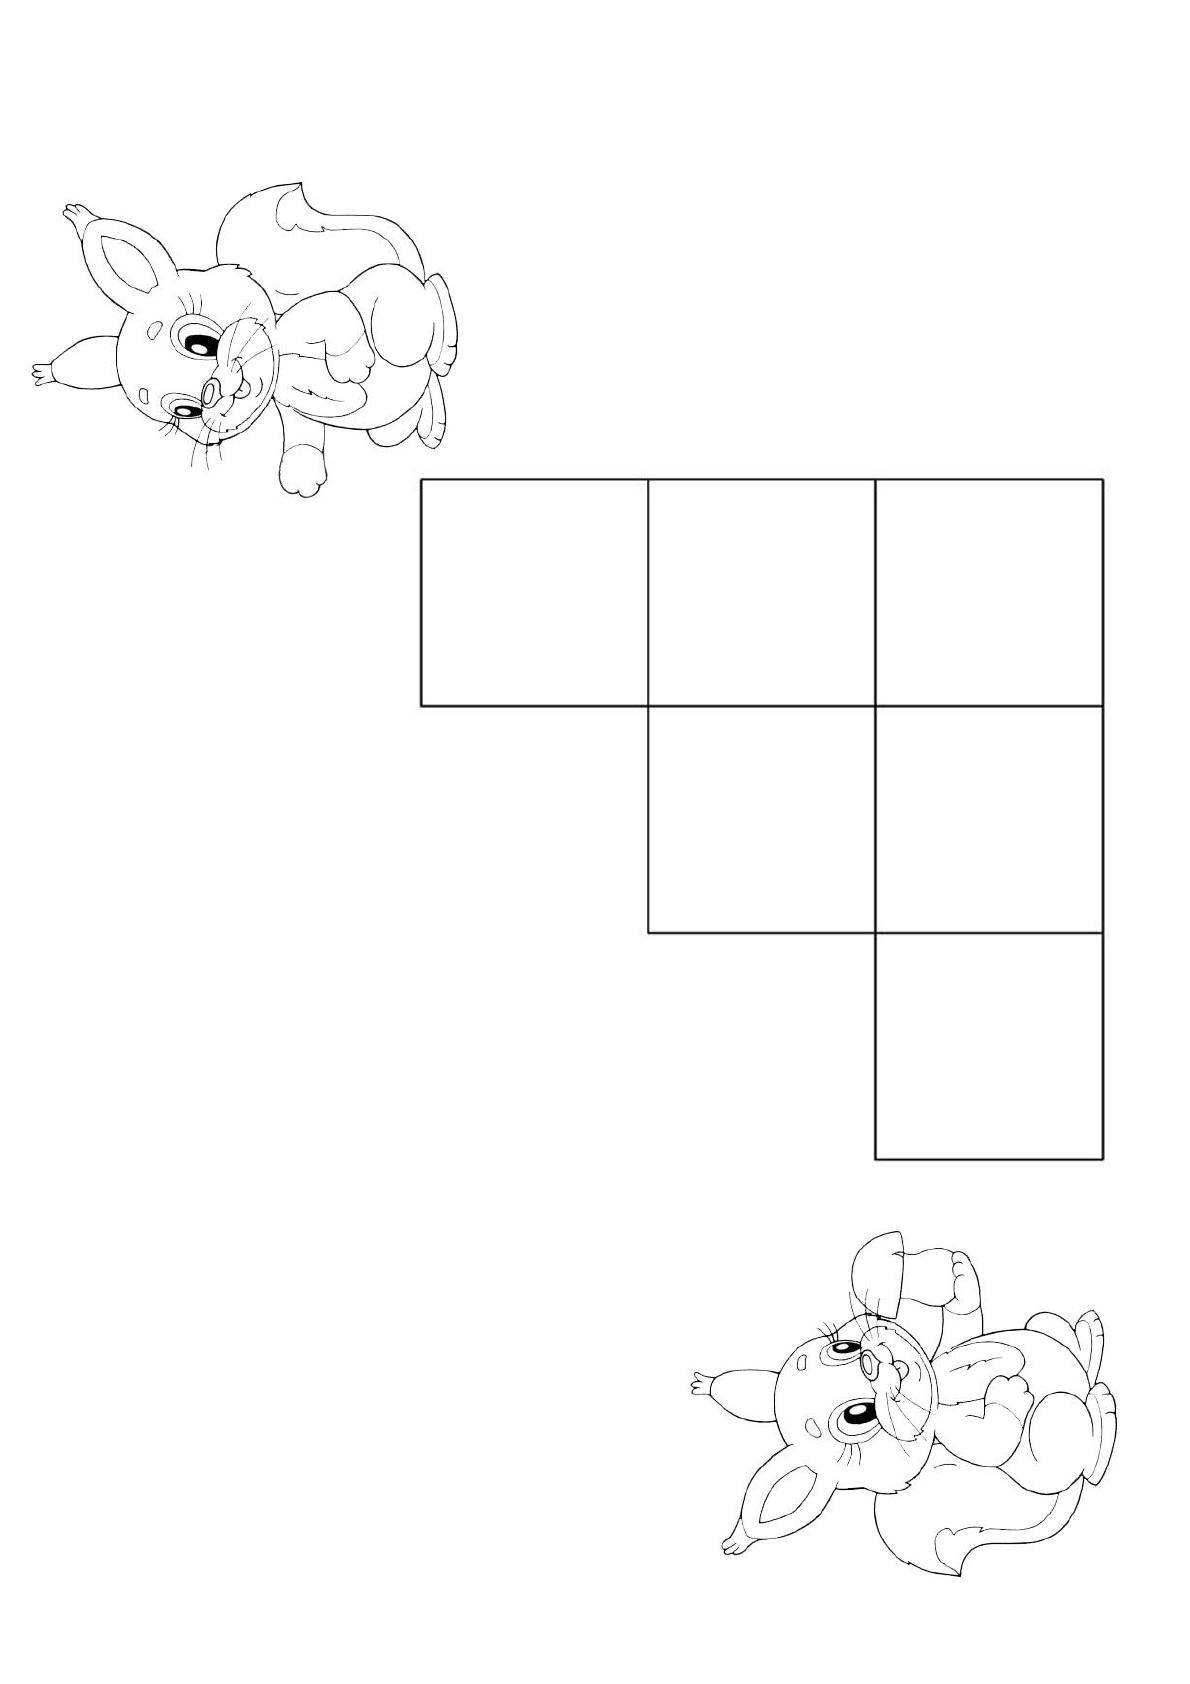 Шаблоны для Сложи узор.pdf | Узоры, Шаблоны, Для детей